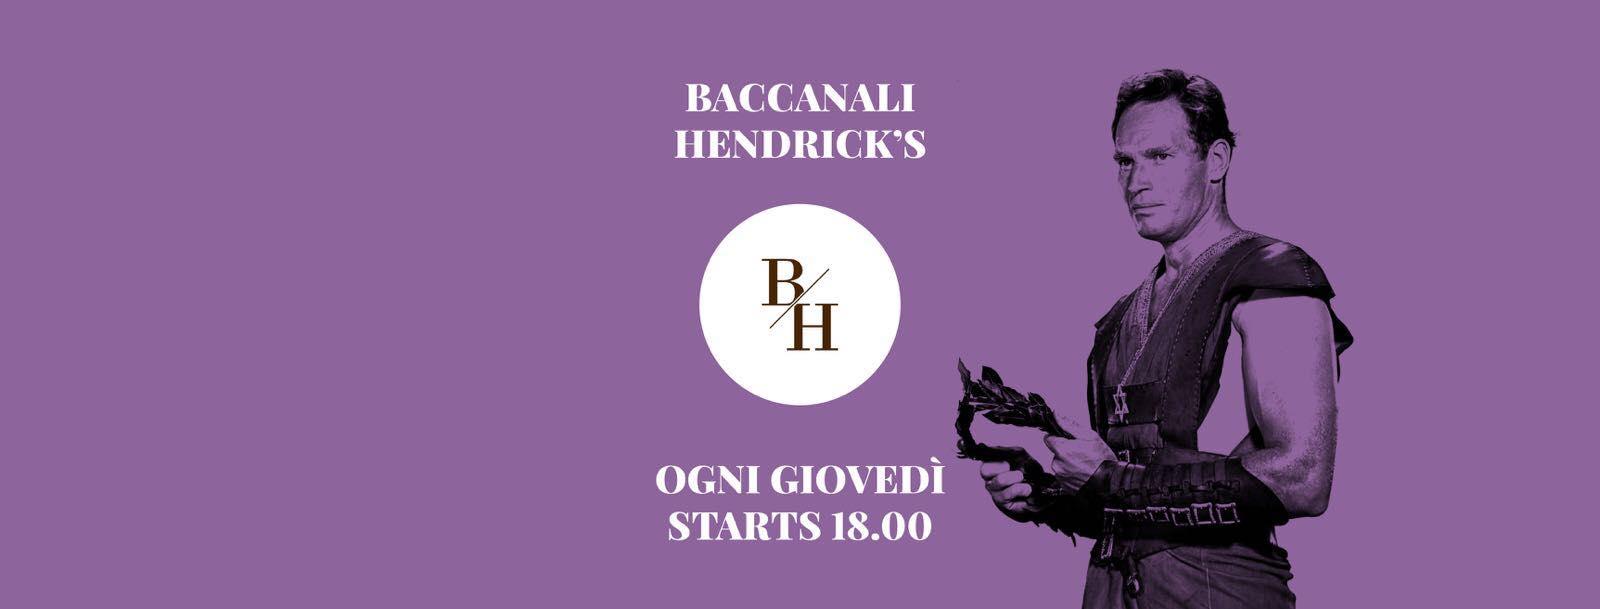 baccanali hendrick's aperitivo dj spring festival gorizia